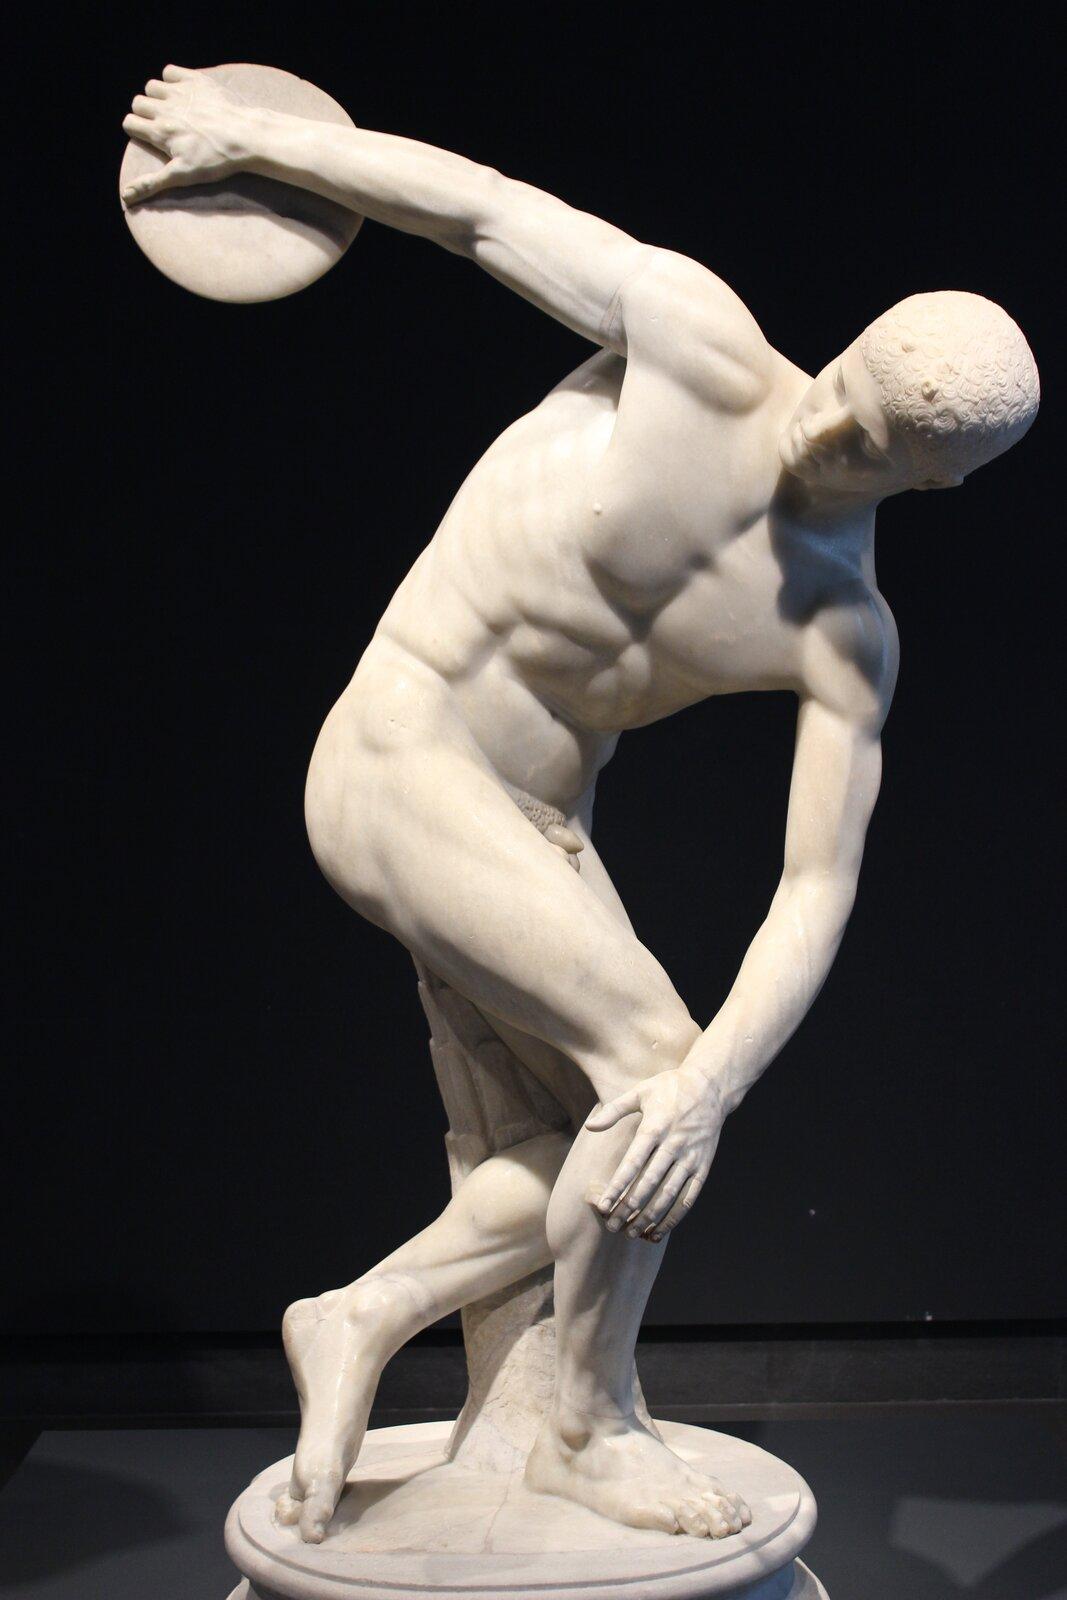 """Ilustracja przedstawia dzieło Myrona pt. """"Dyskobol"""". Rzeźba ta przedstawia nagiego mężczyznę skłaniającego się wkierunku ziemi, który wswojej prawej ręce trzyma dysk. Zgięte ciało oraz napięte mięśnie wskazują, że mężczyzna przygotowuje się do rzutu dyskiem."""